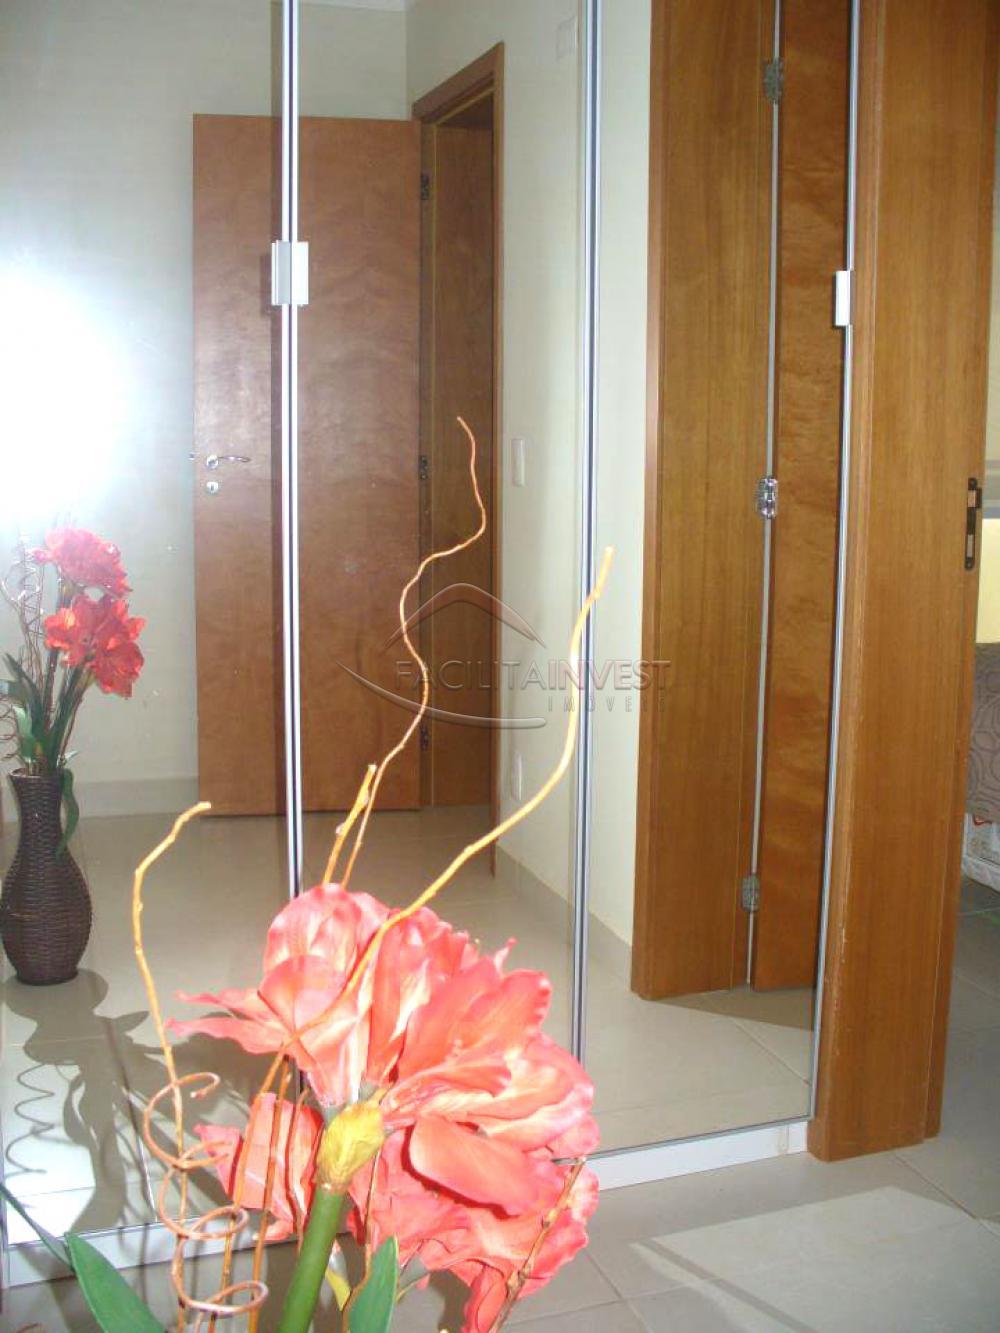 Alugar Apartamentos / Apartamento Mobiliado em Ribeirão Preto apenas R$ 4.100,00 - Foto 23